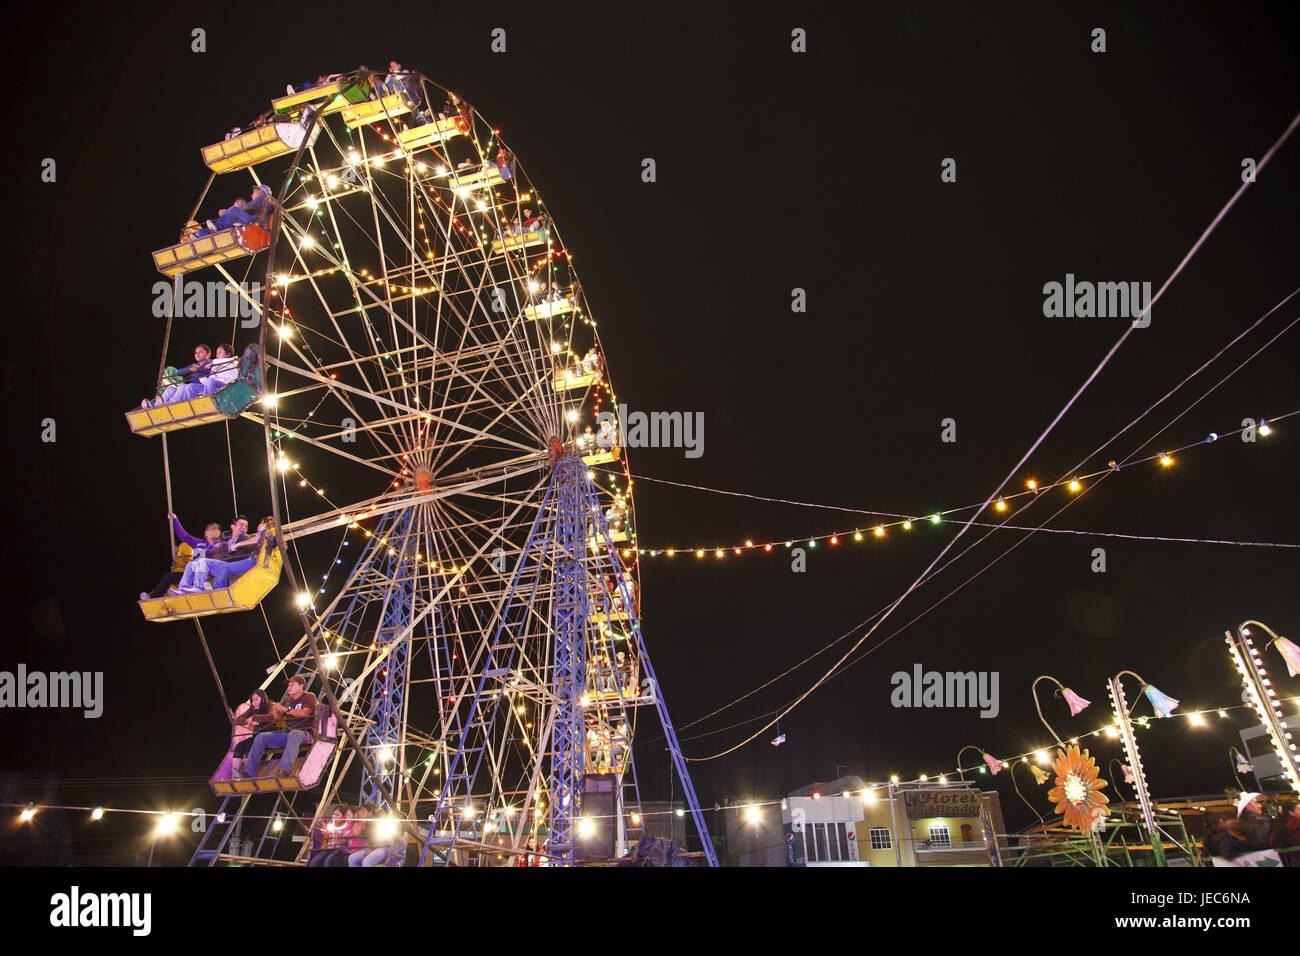 Guatemala, Esquipulas, Cristo Negro, fair, person, big dipper, night, no model release, - Stock Image